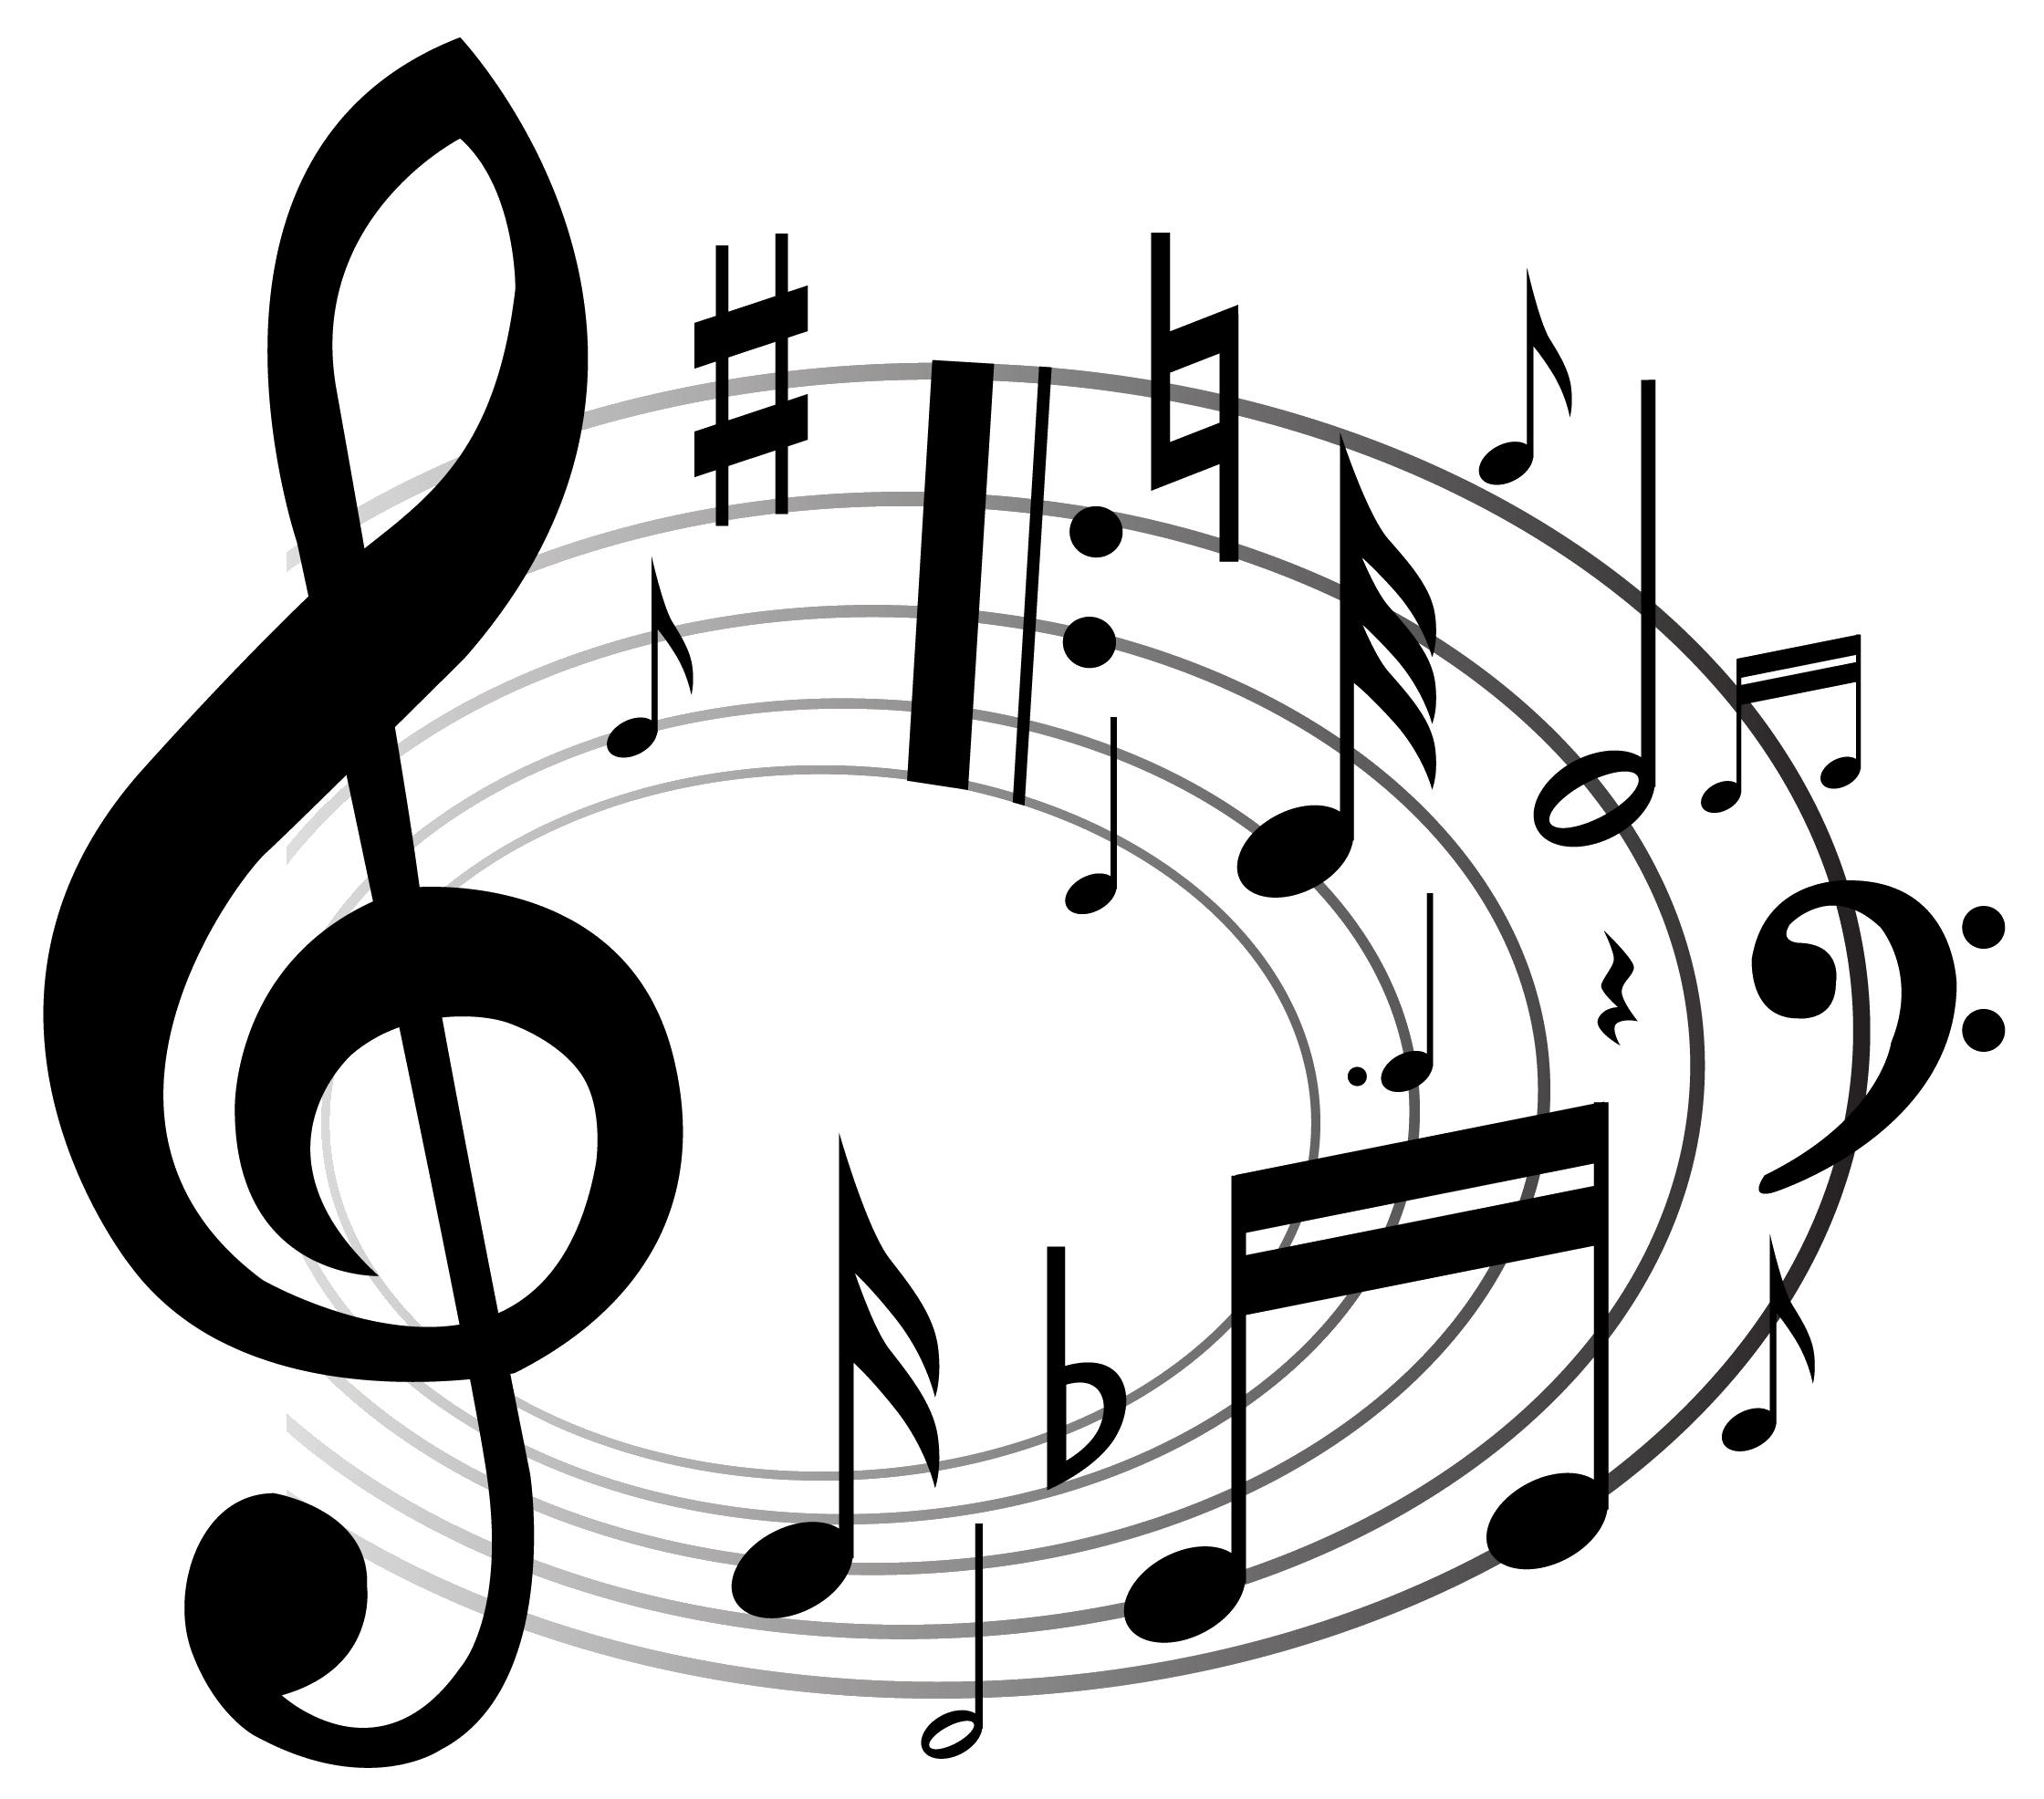 ноты и скрипичный ключ фото